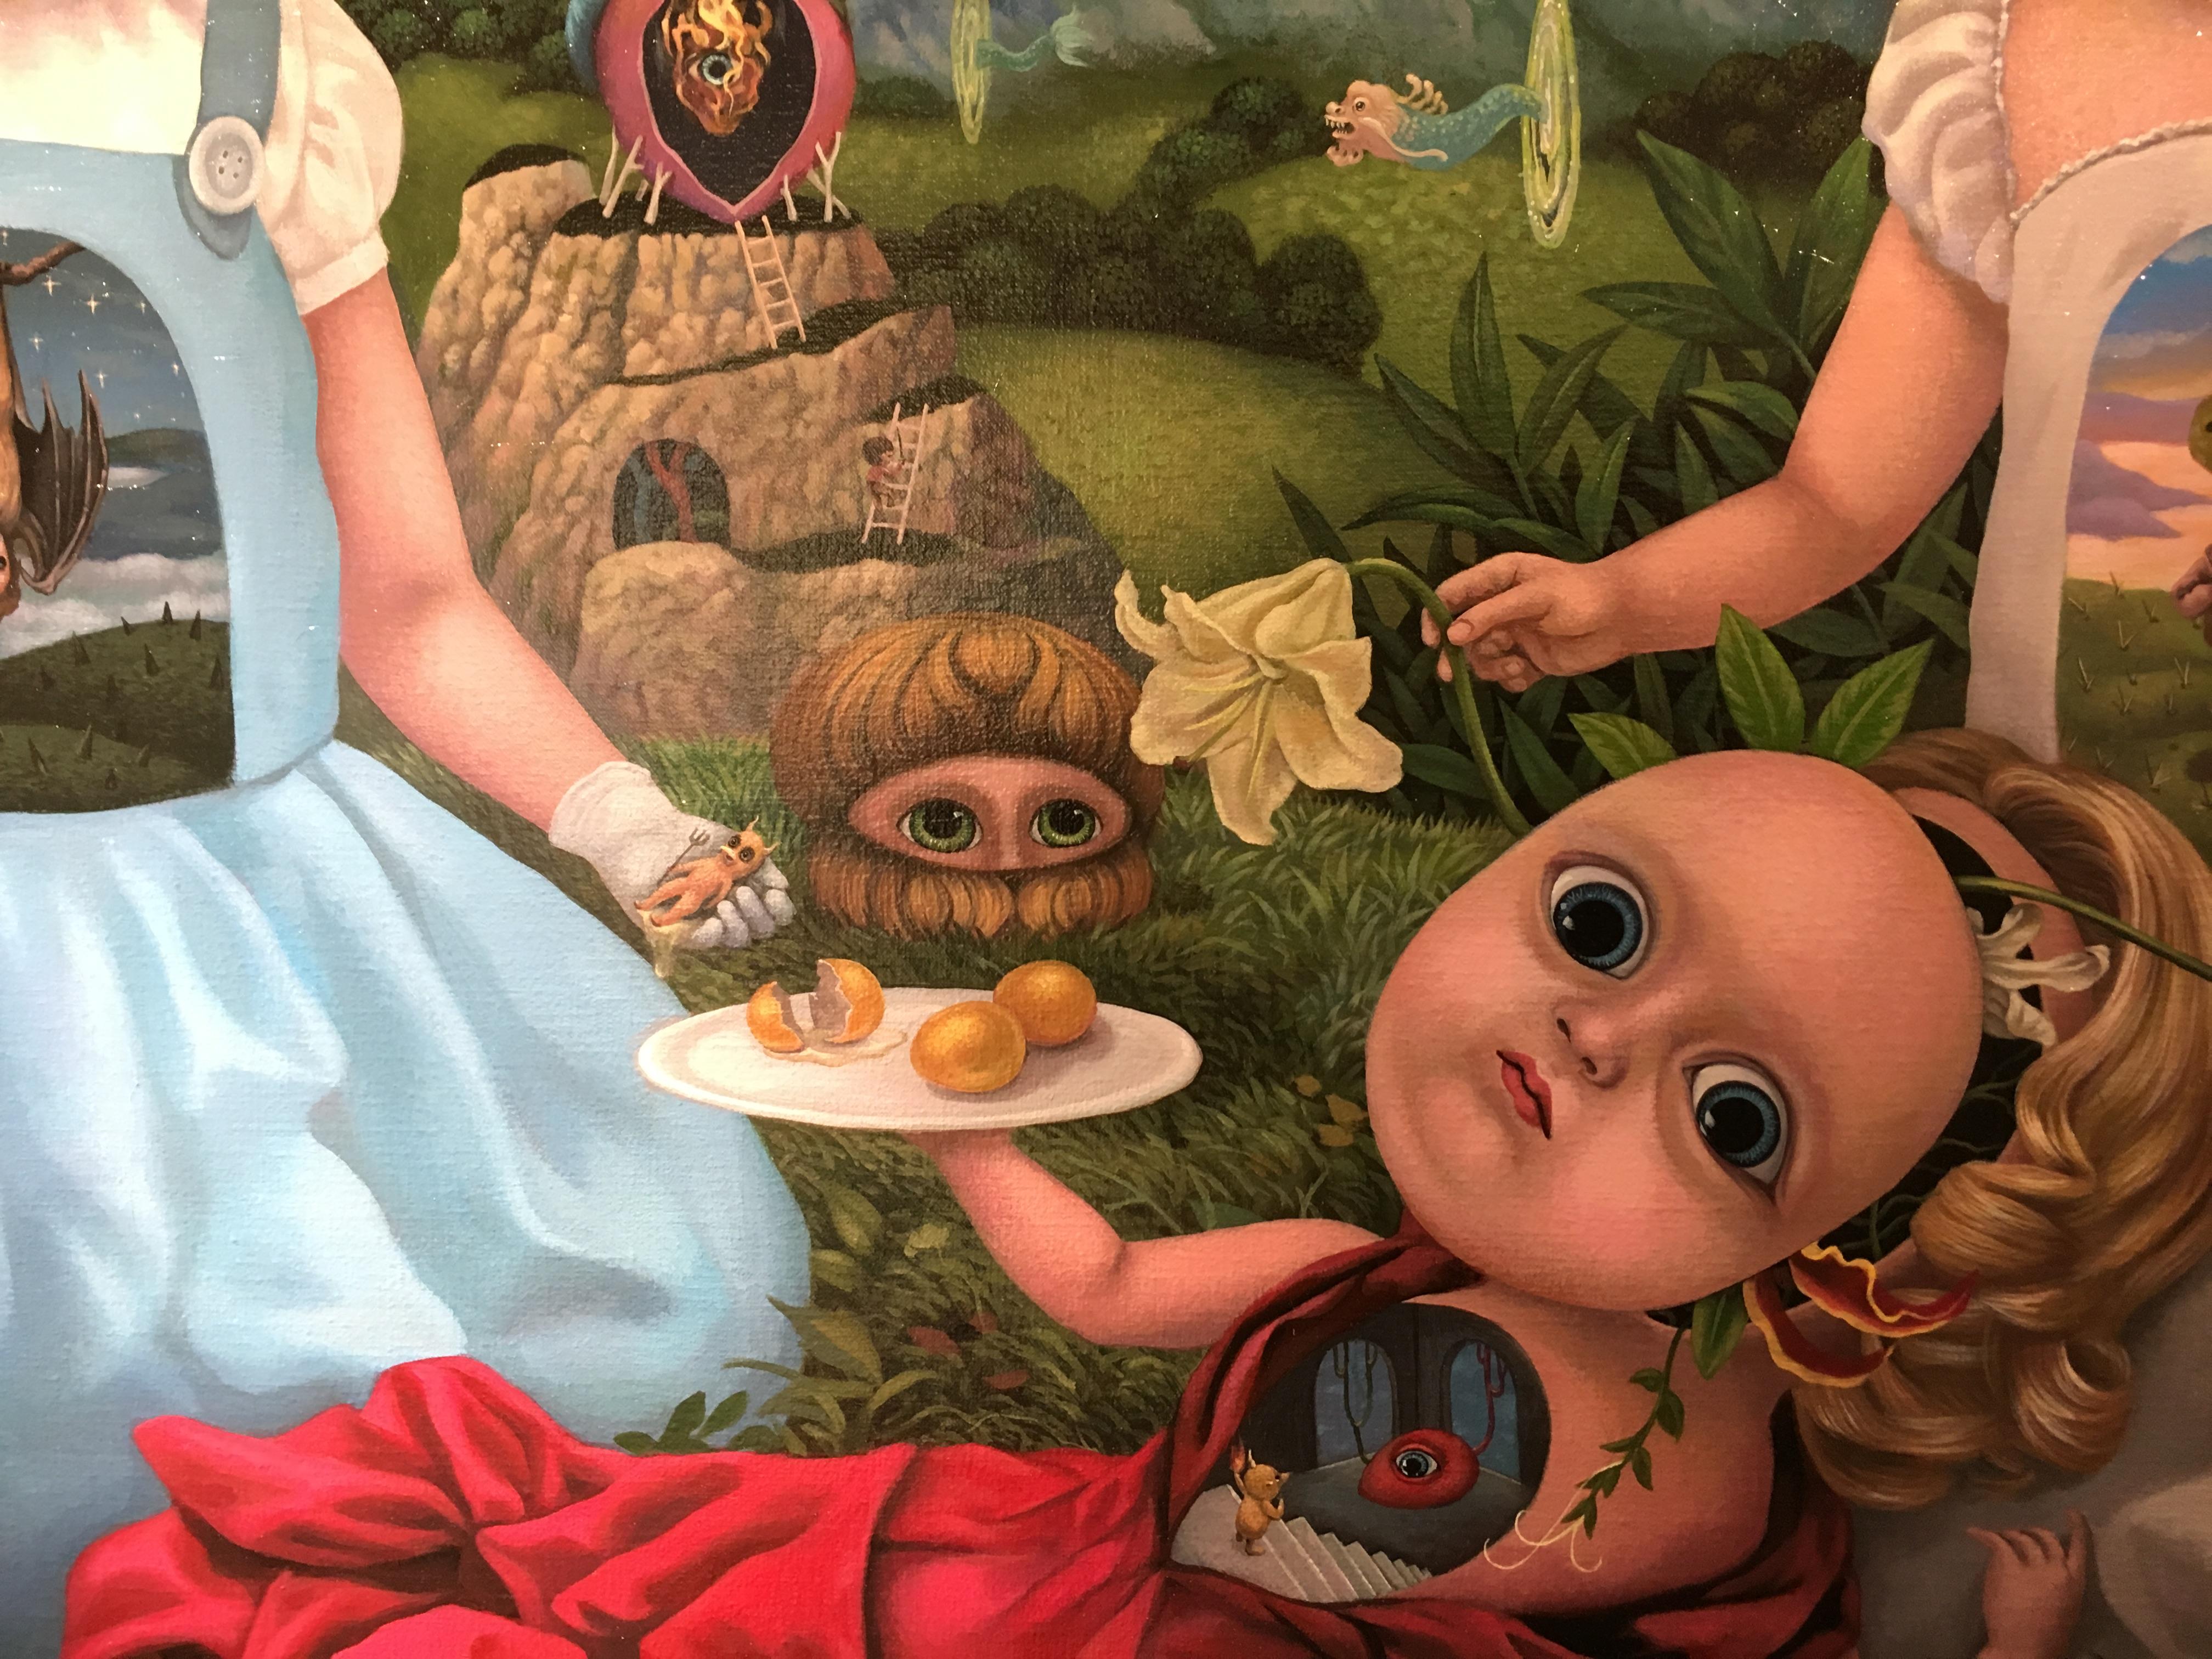 張嘉穎,《雙胞胎的秘密實驗室》細節,130 x 194 cm,壓克力、畫布,2016。